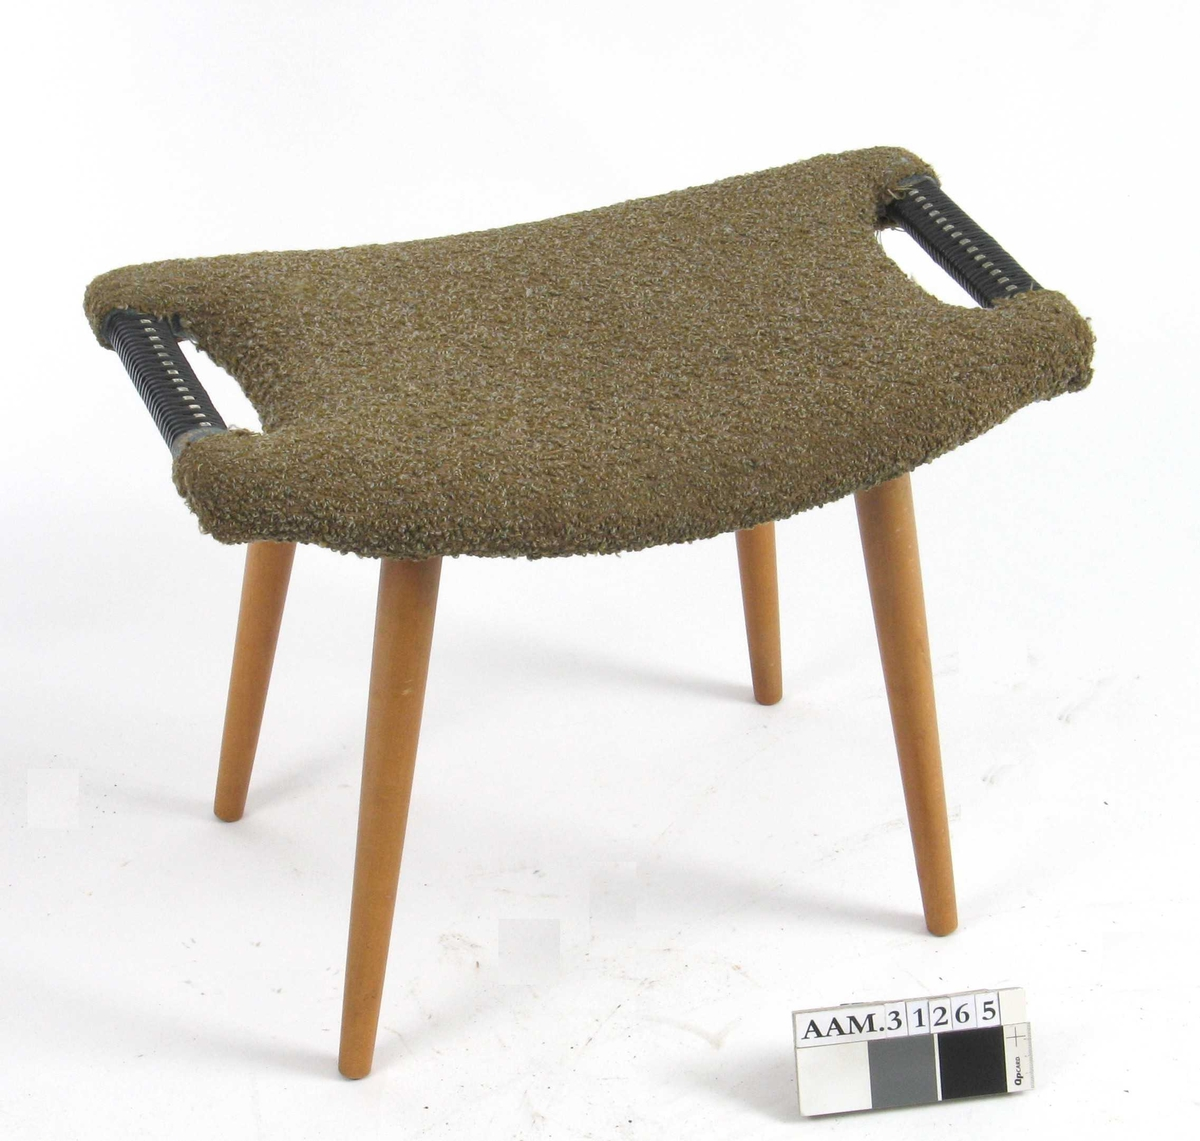 Krakk med tynne bein, rektangulær sitteflate, svakt buet, håndtak i hver kortende, stofftrukket sete.